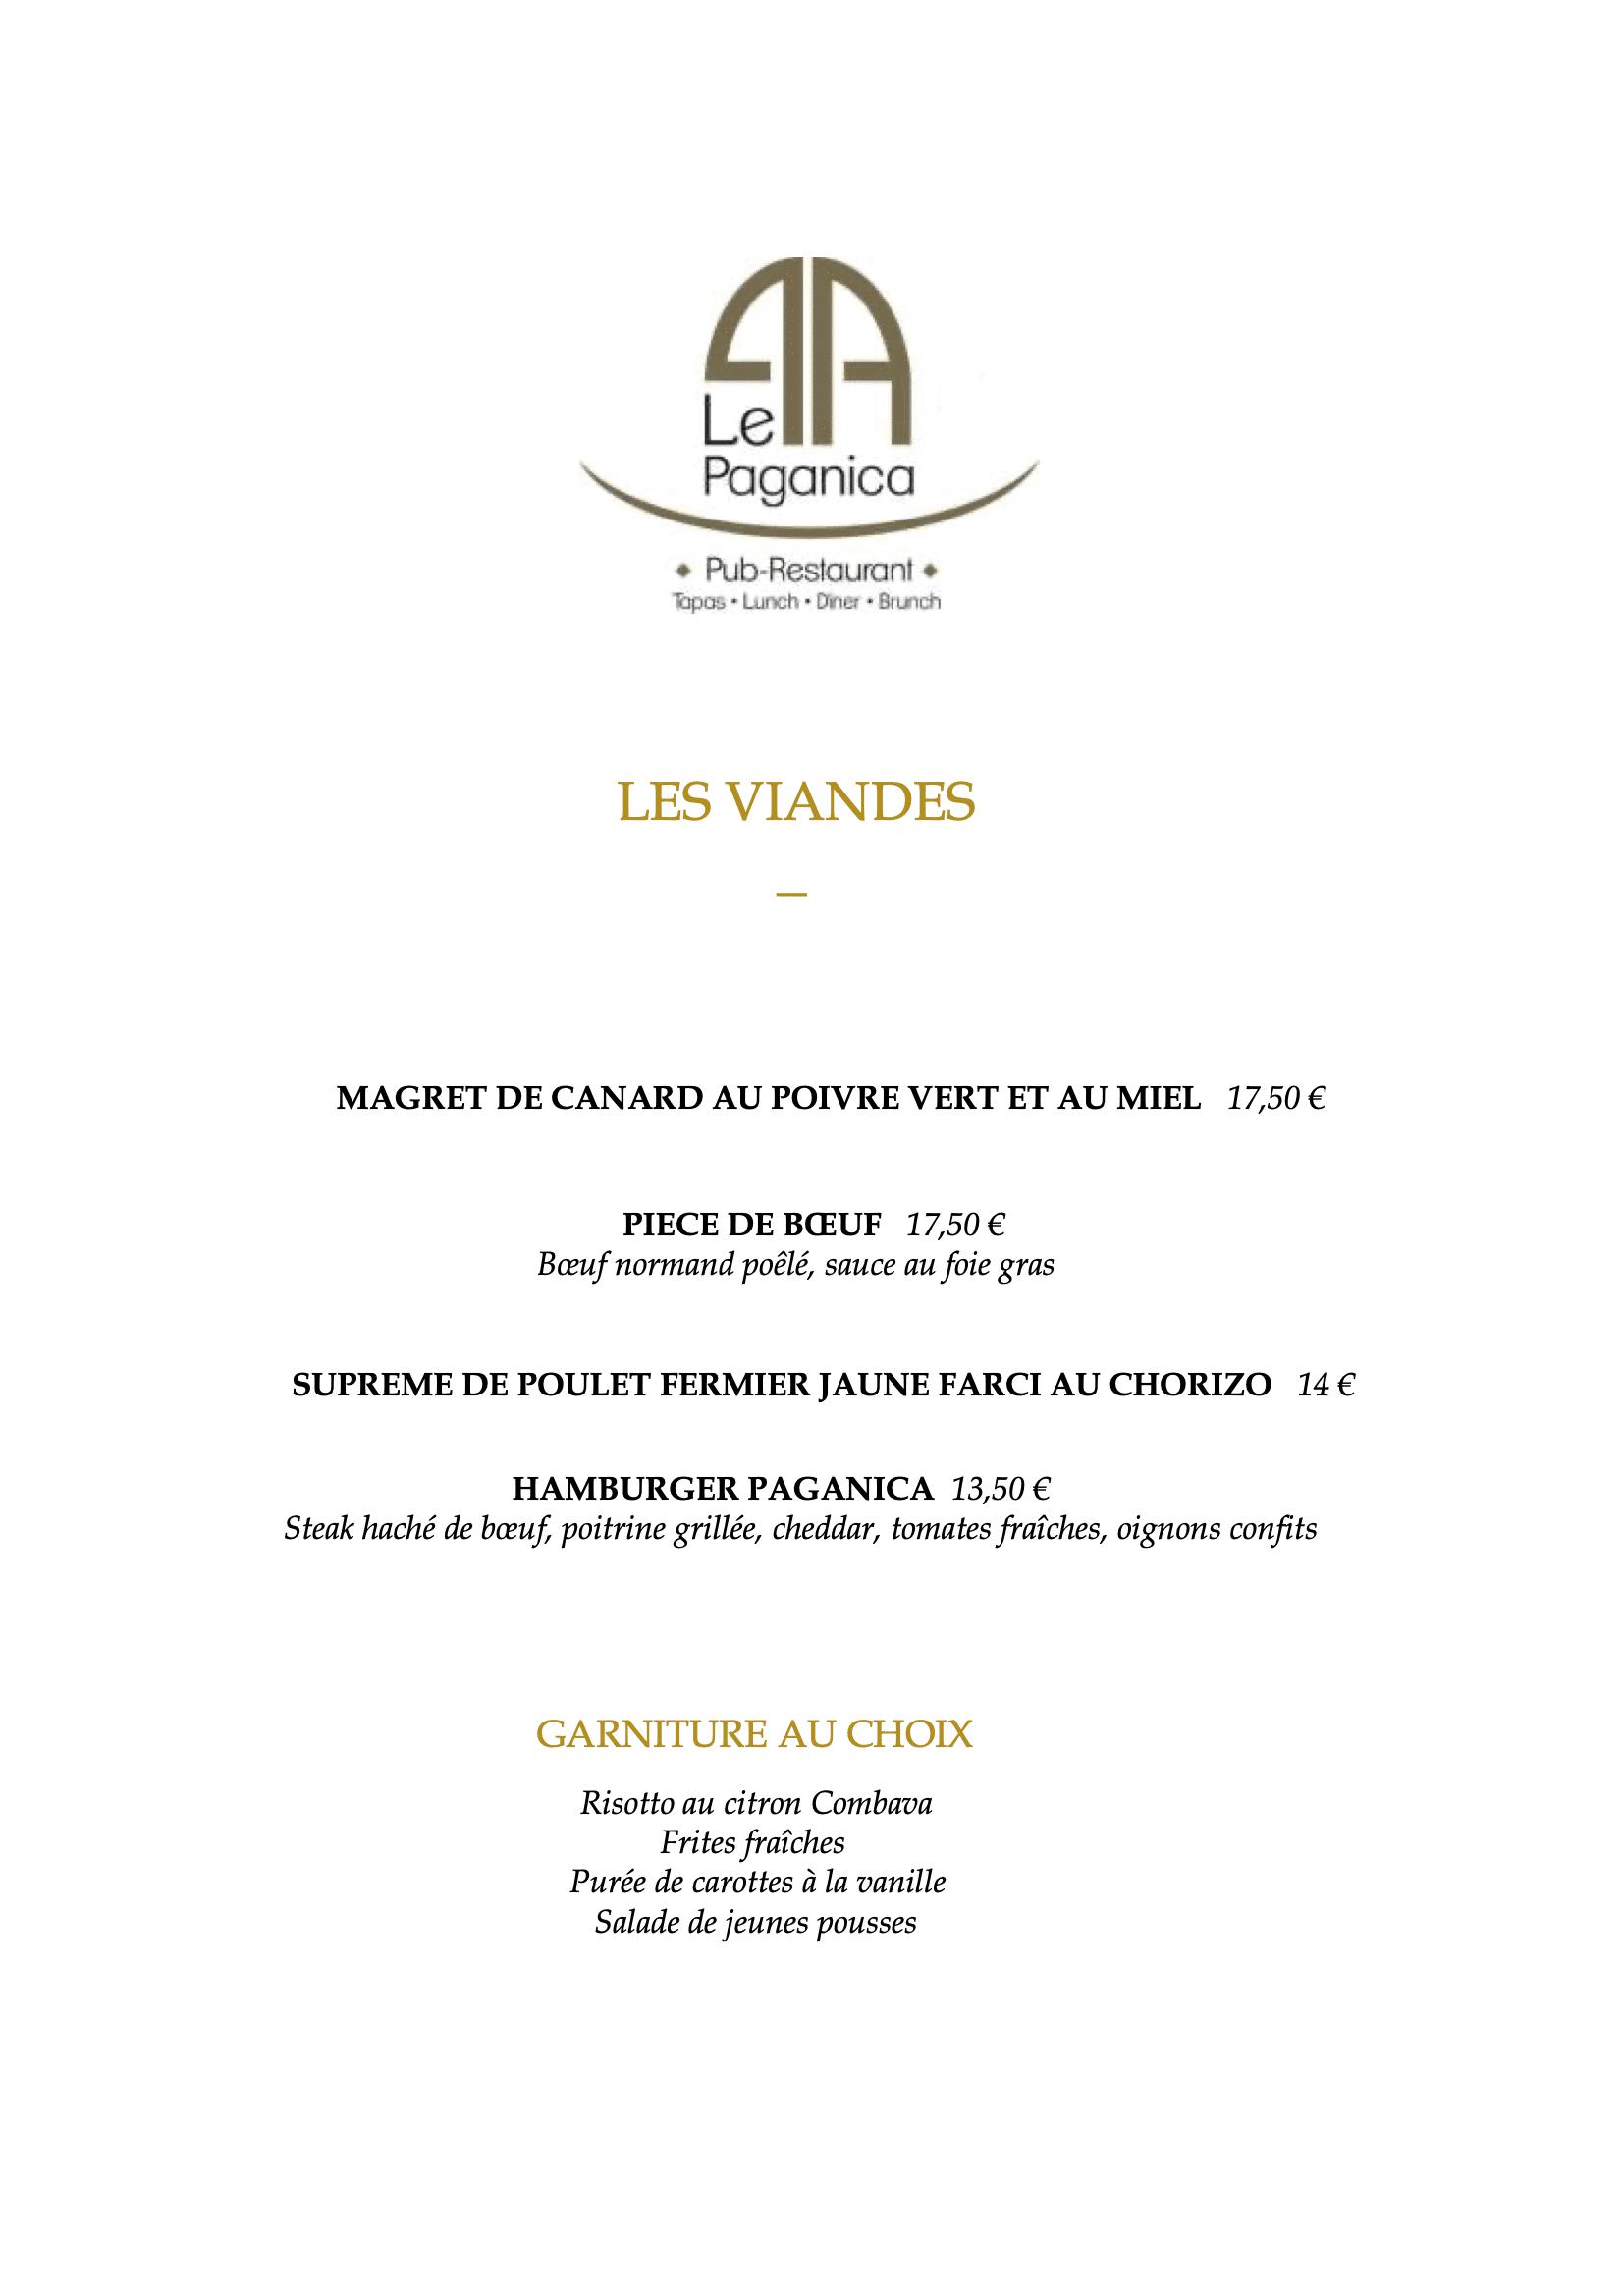 CARTE HIVER 2019 N4-1-5 (glissées)